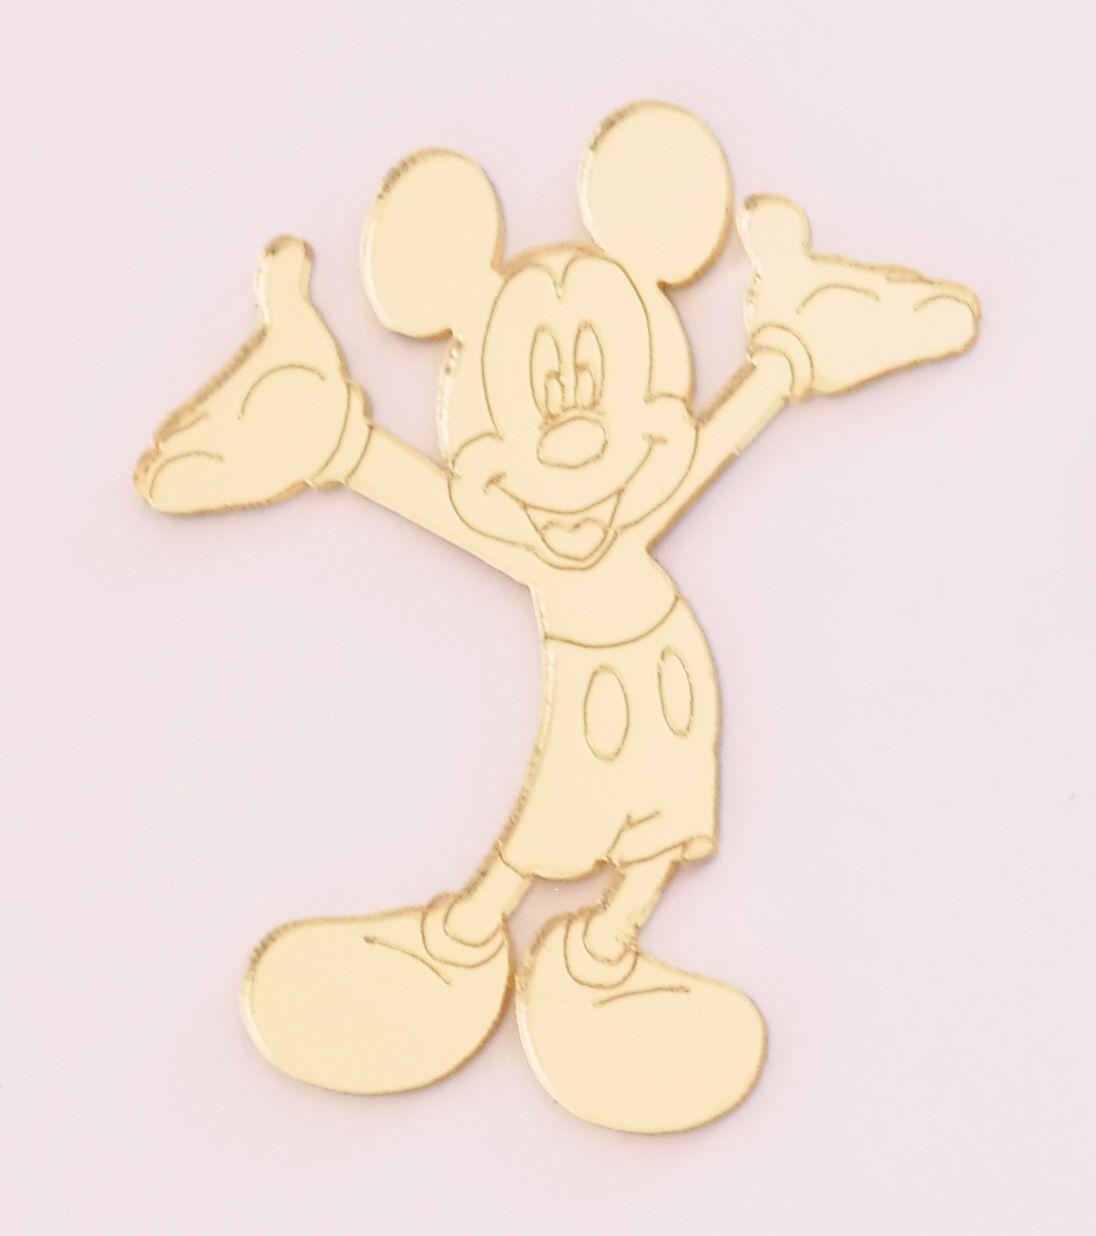 Aplique em acrílico espelhado - Mickey 01 - 5cm - 10 peças